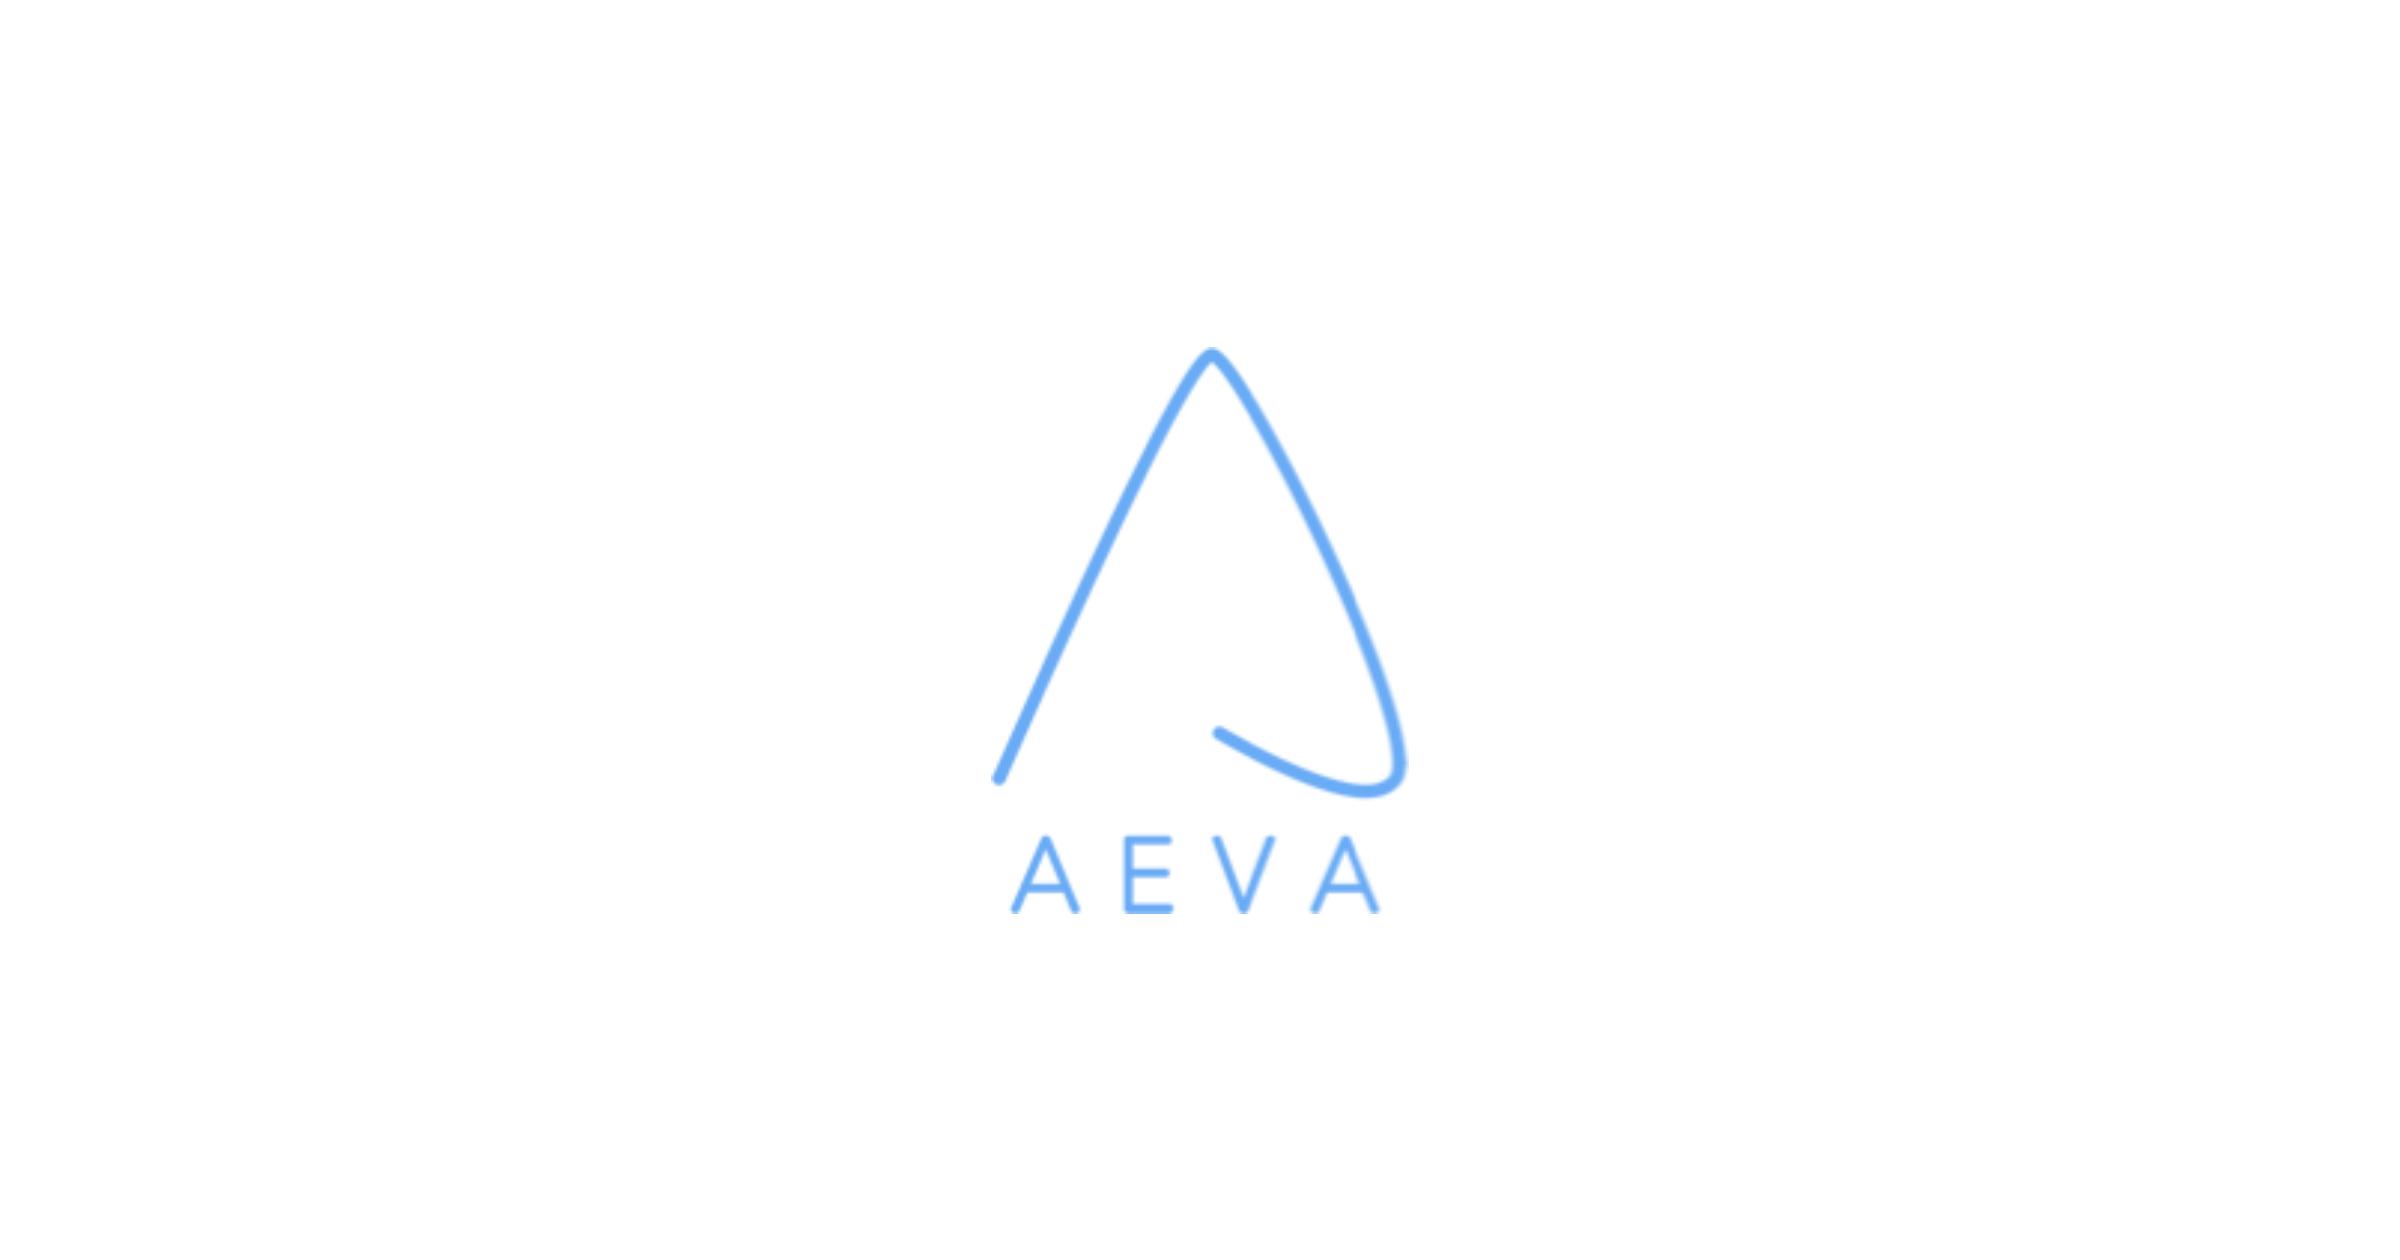 Aeva lidar maker logo